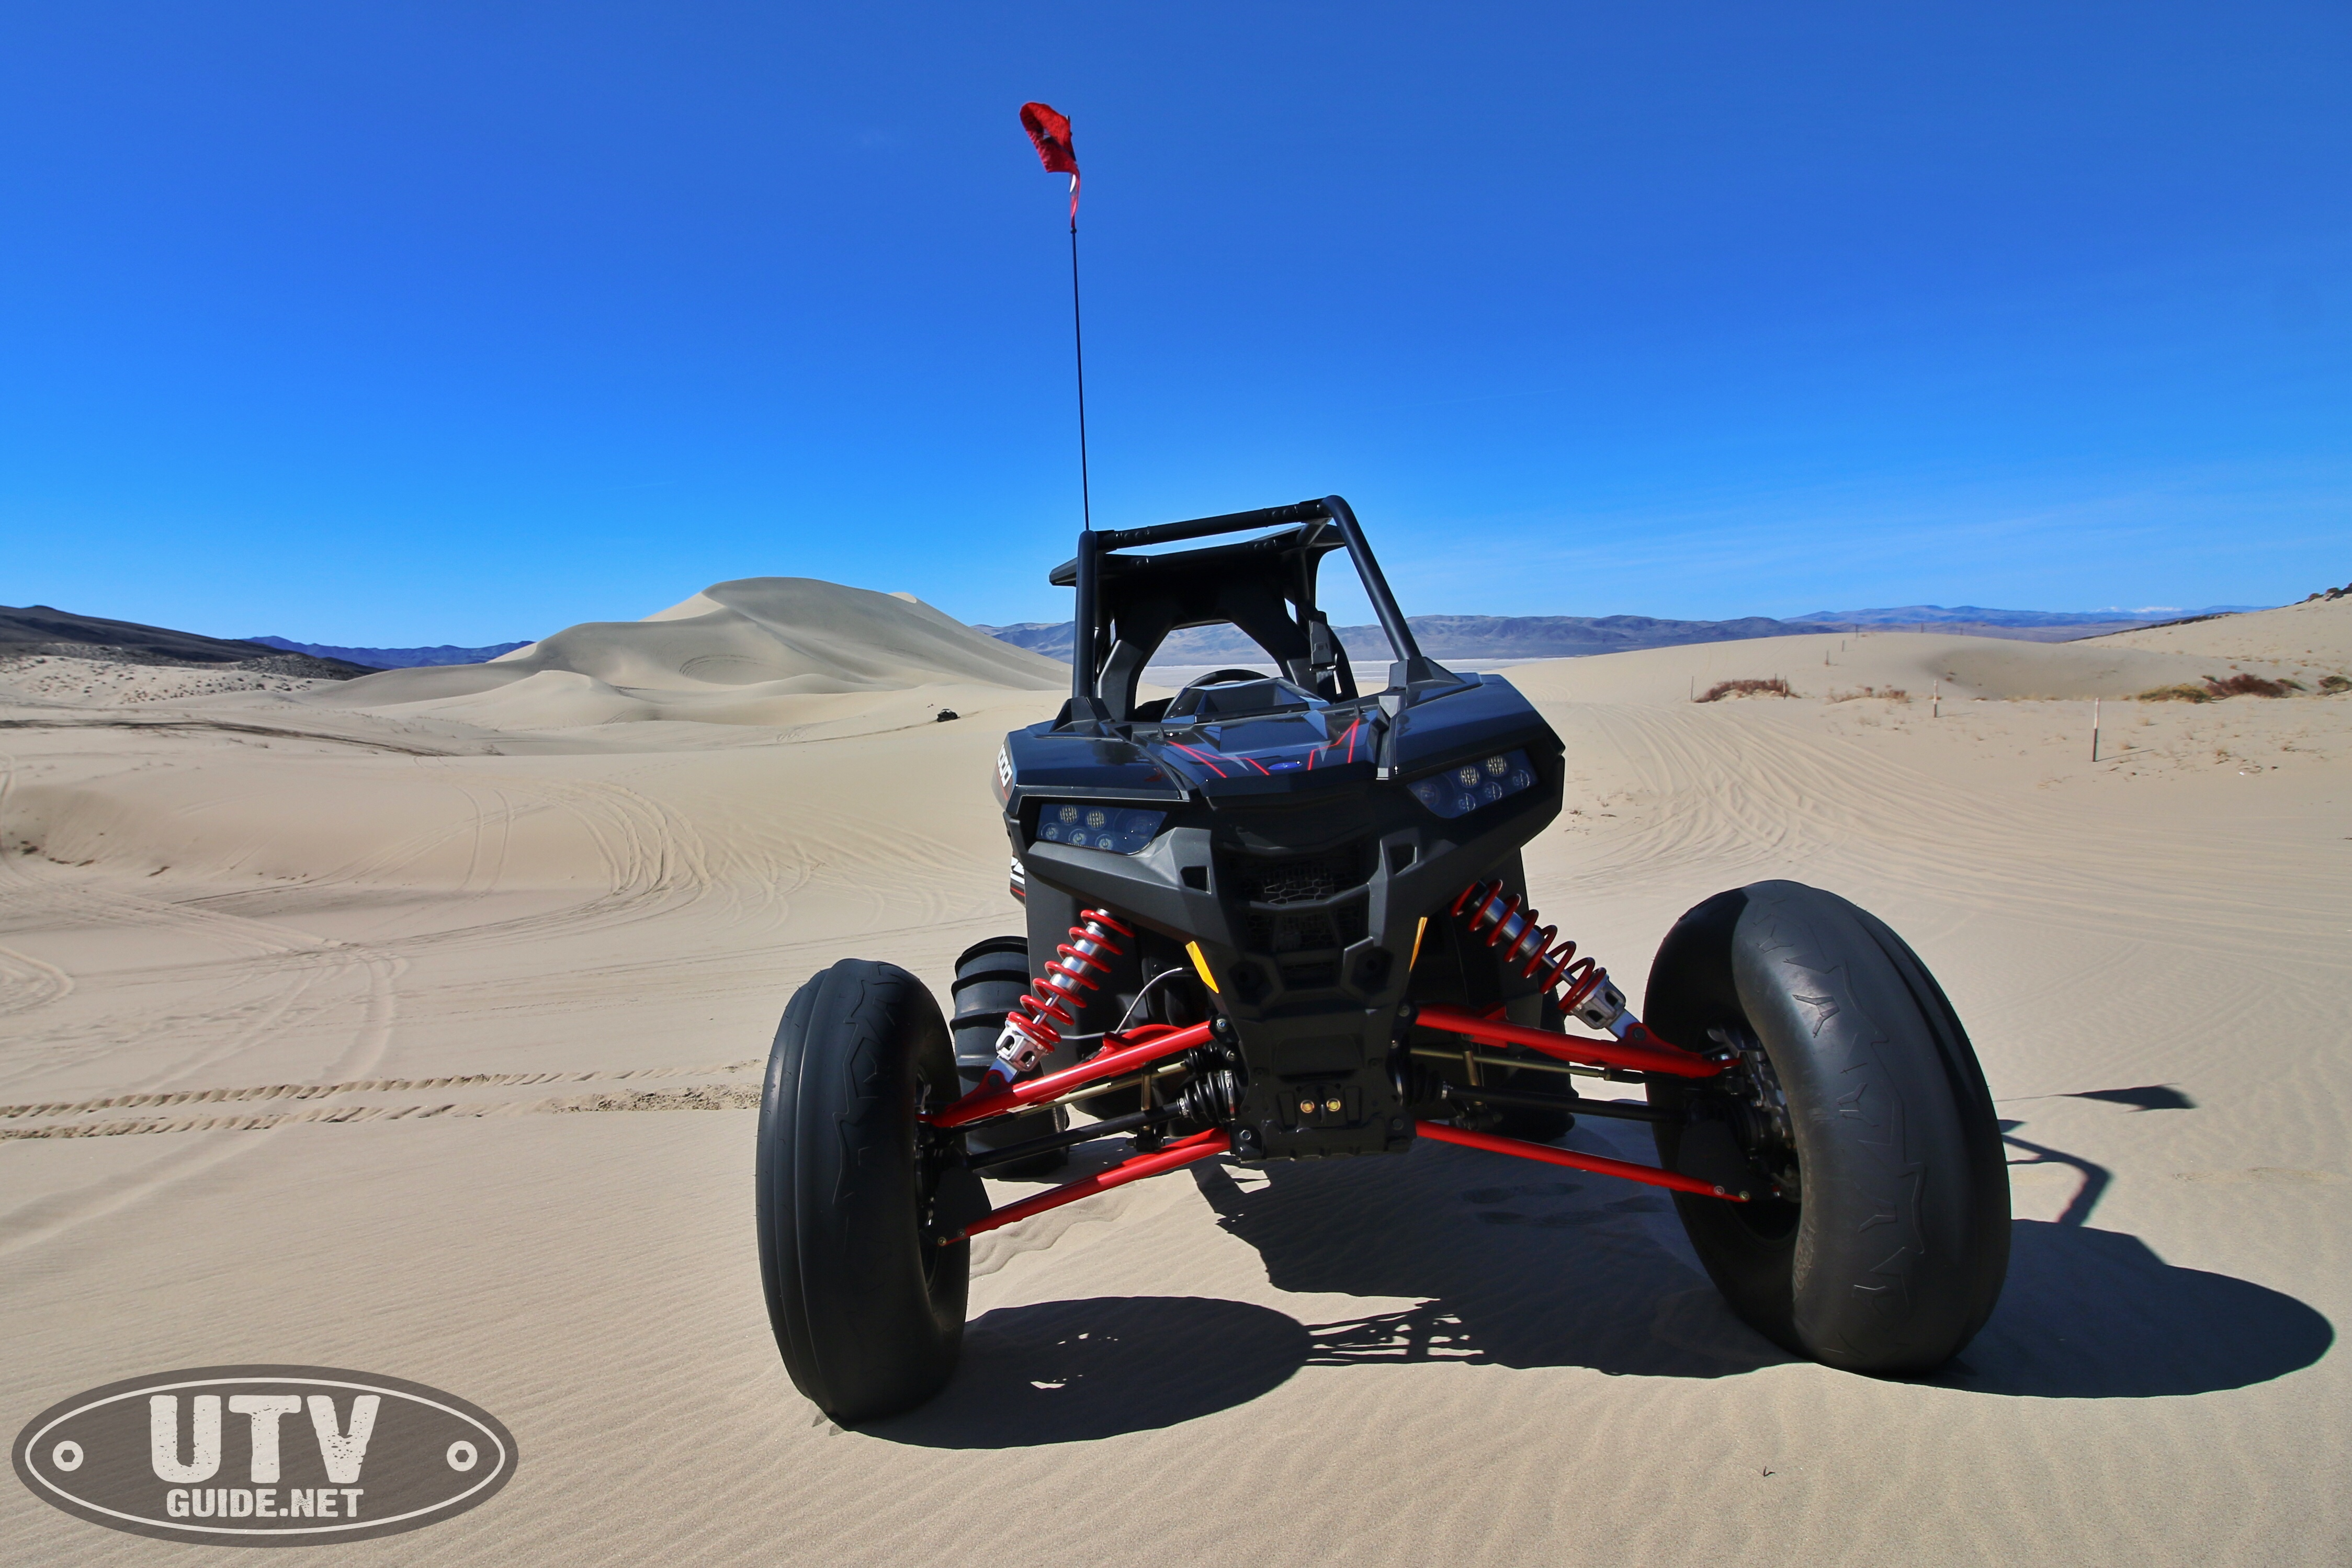 Polaris Rzr Rs1 Dune Review Utv Guide